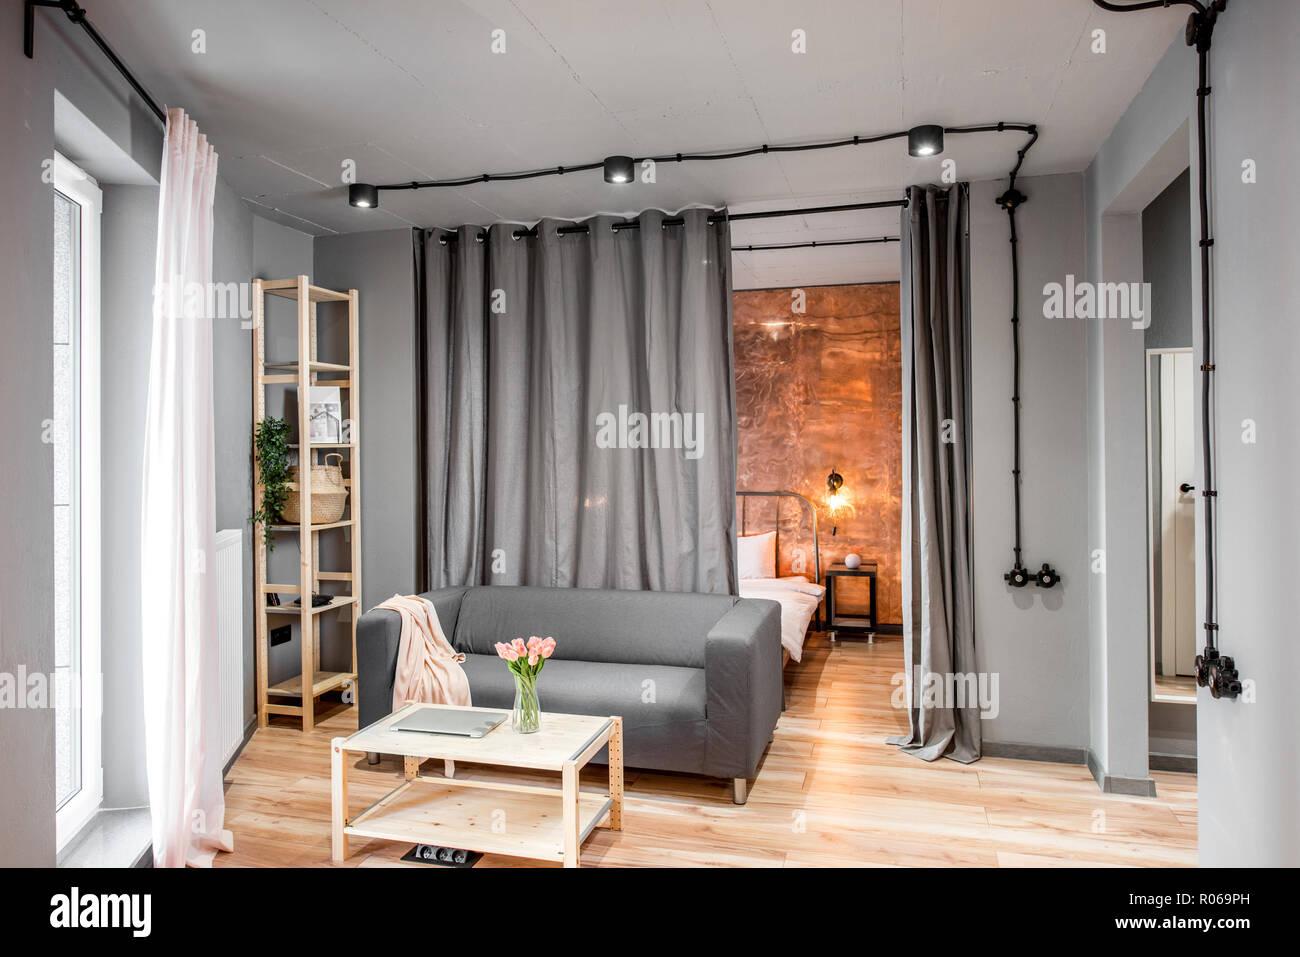 Soggiorno moderno in stile loft realizzati in colori grigi con ...